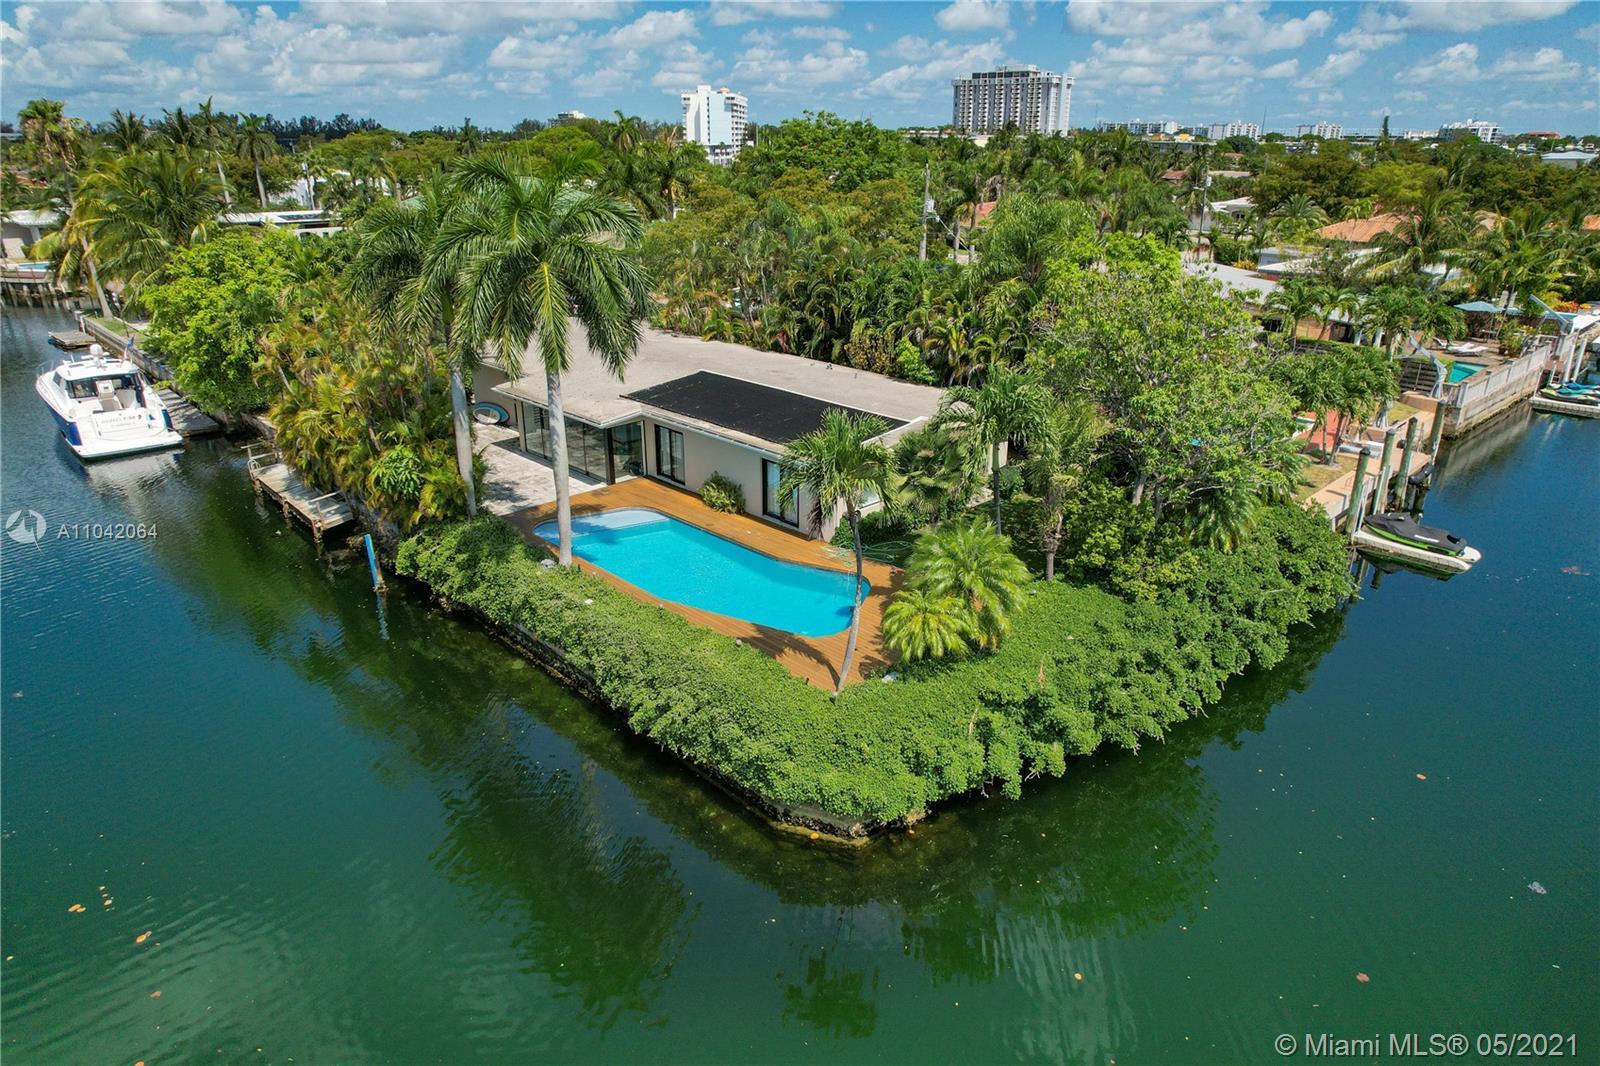 12901 Oleander Rd, North Miami, Florida 33181